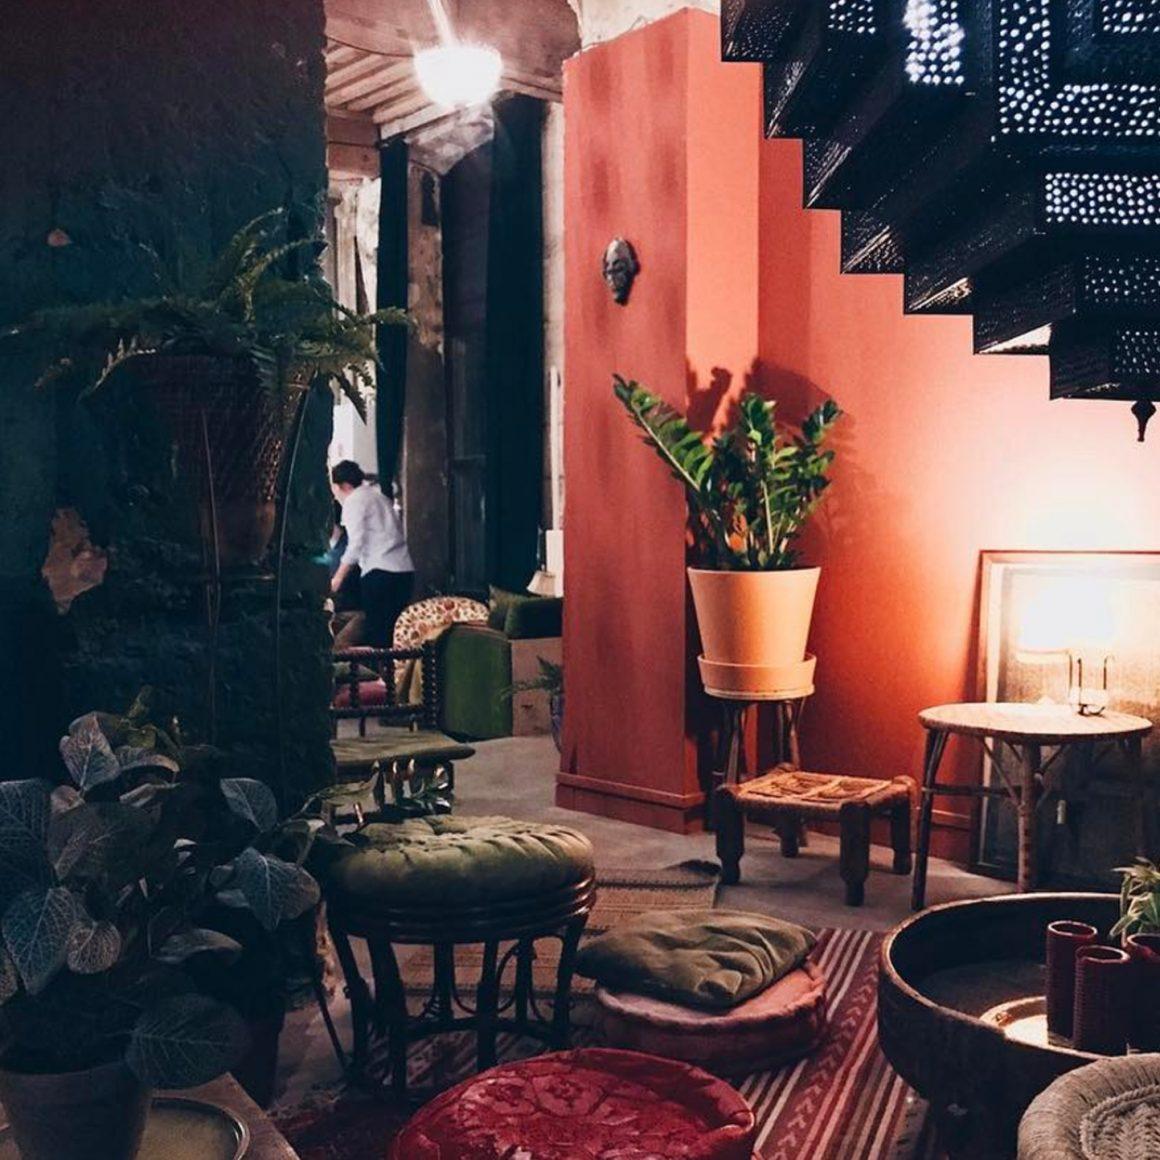 Café etudiant Lyon